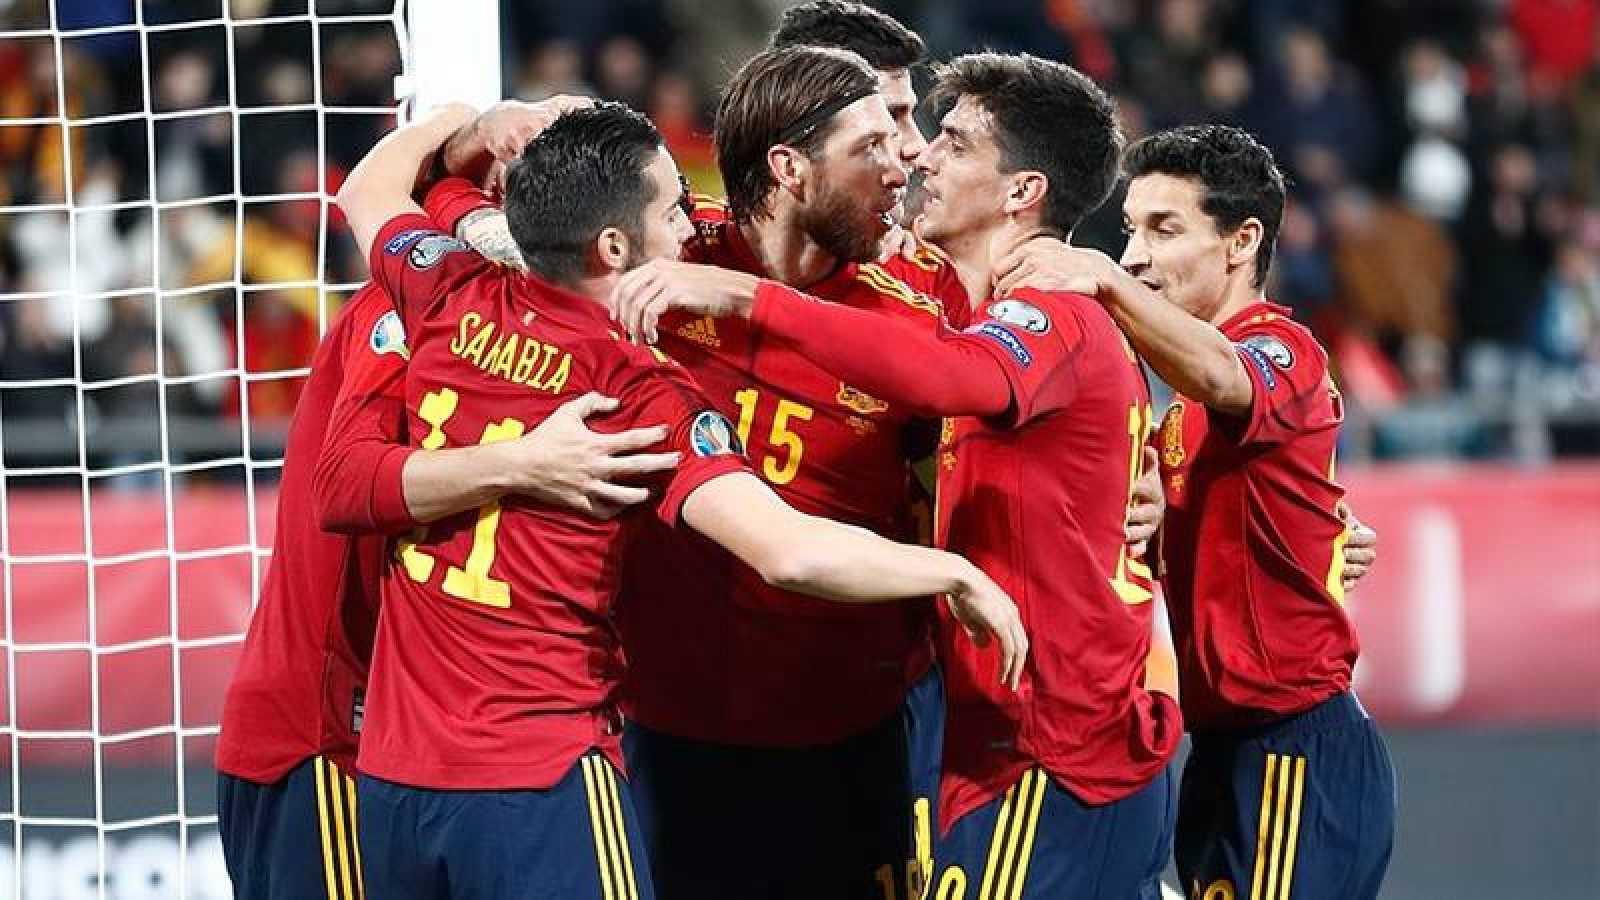 La selección española jugará un amistoso contra Portugal.